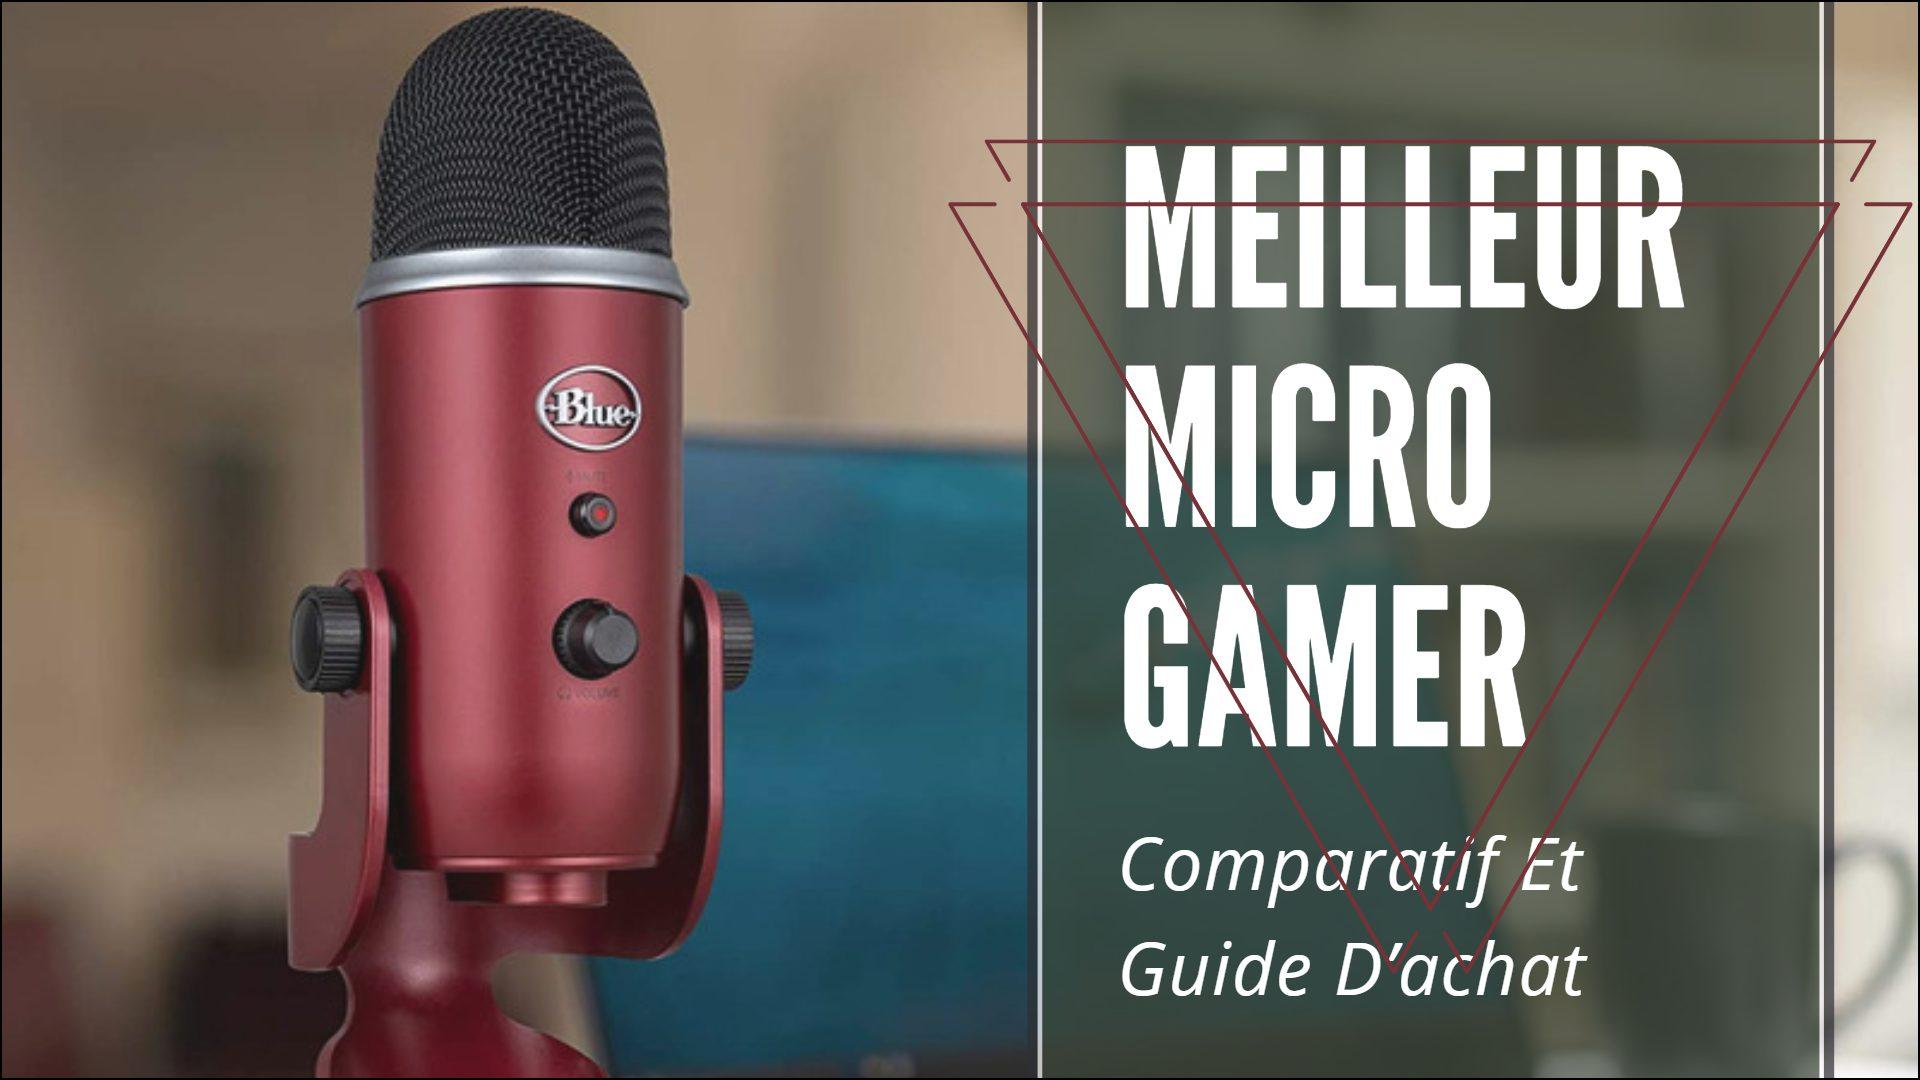 Meilleur Micro Gamer